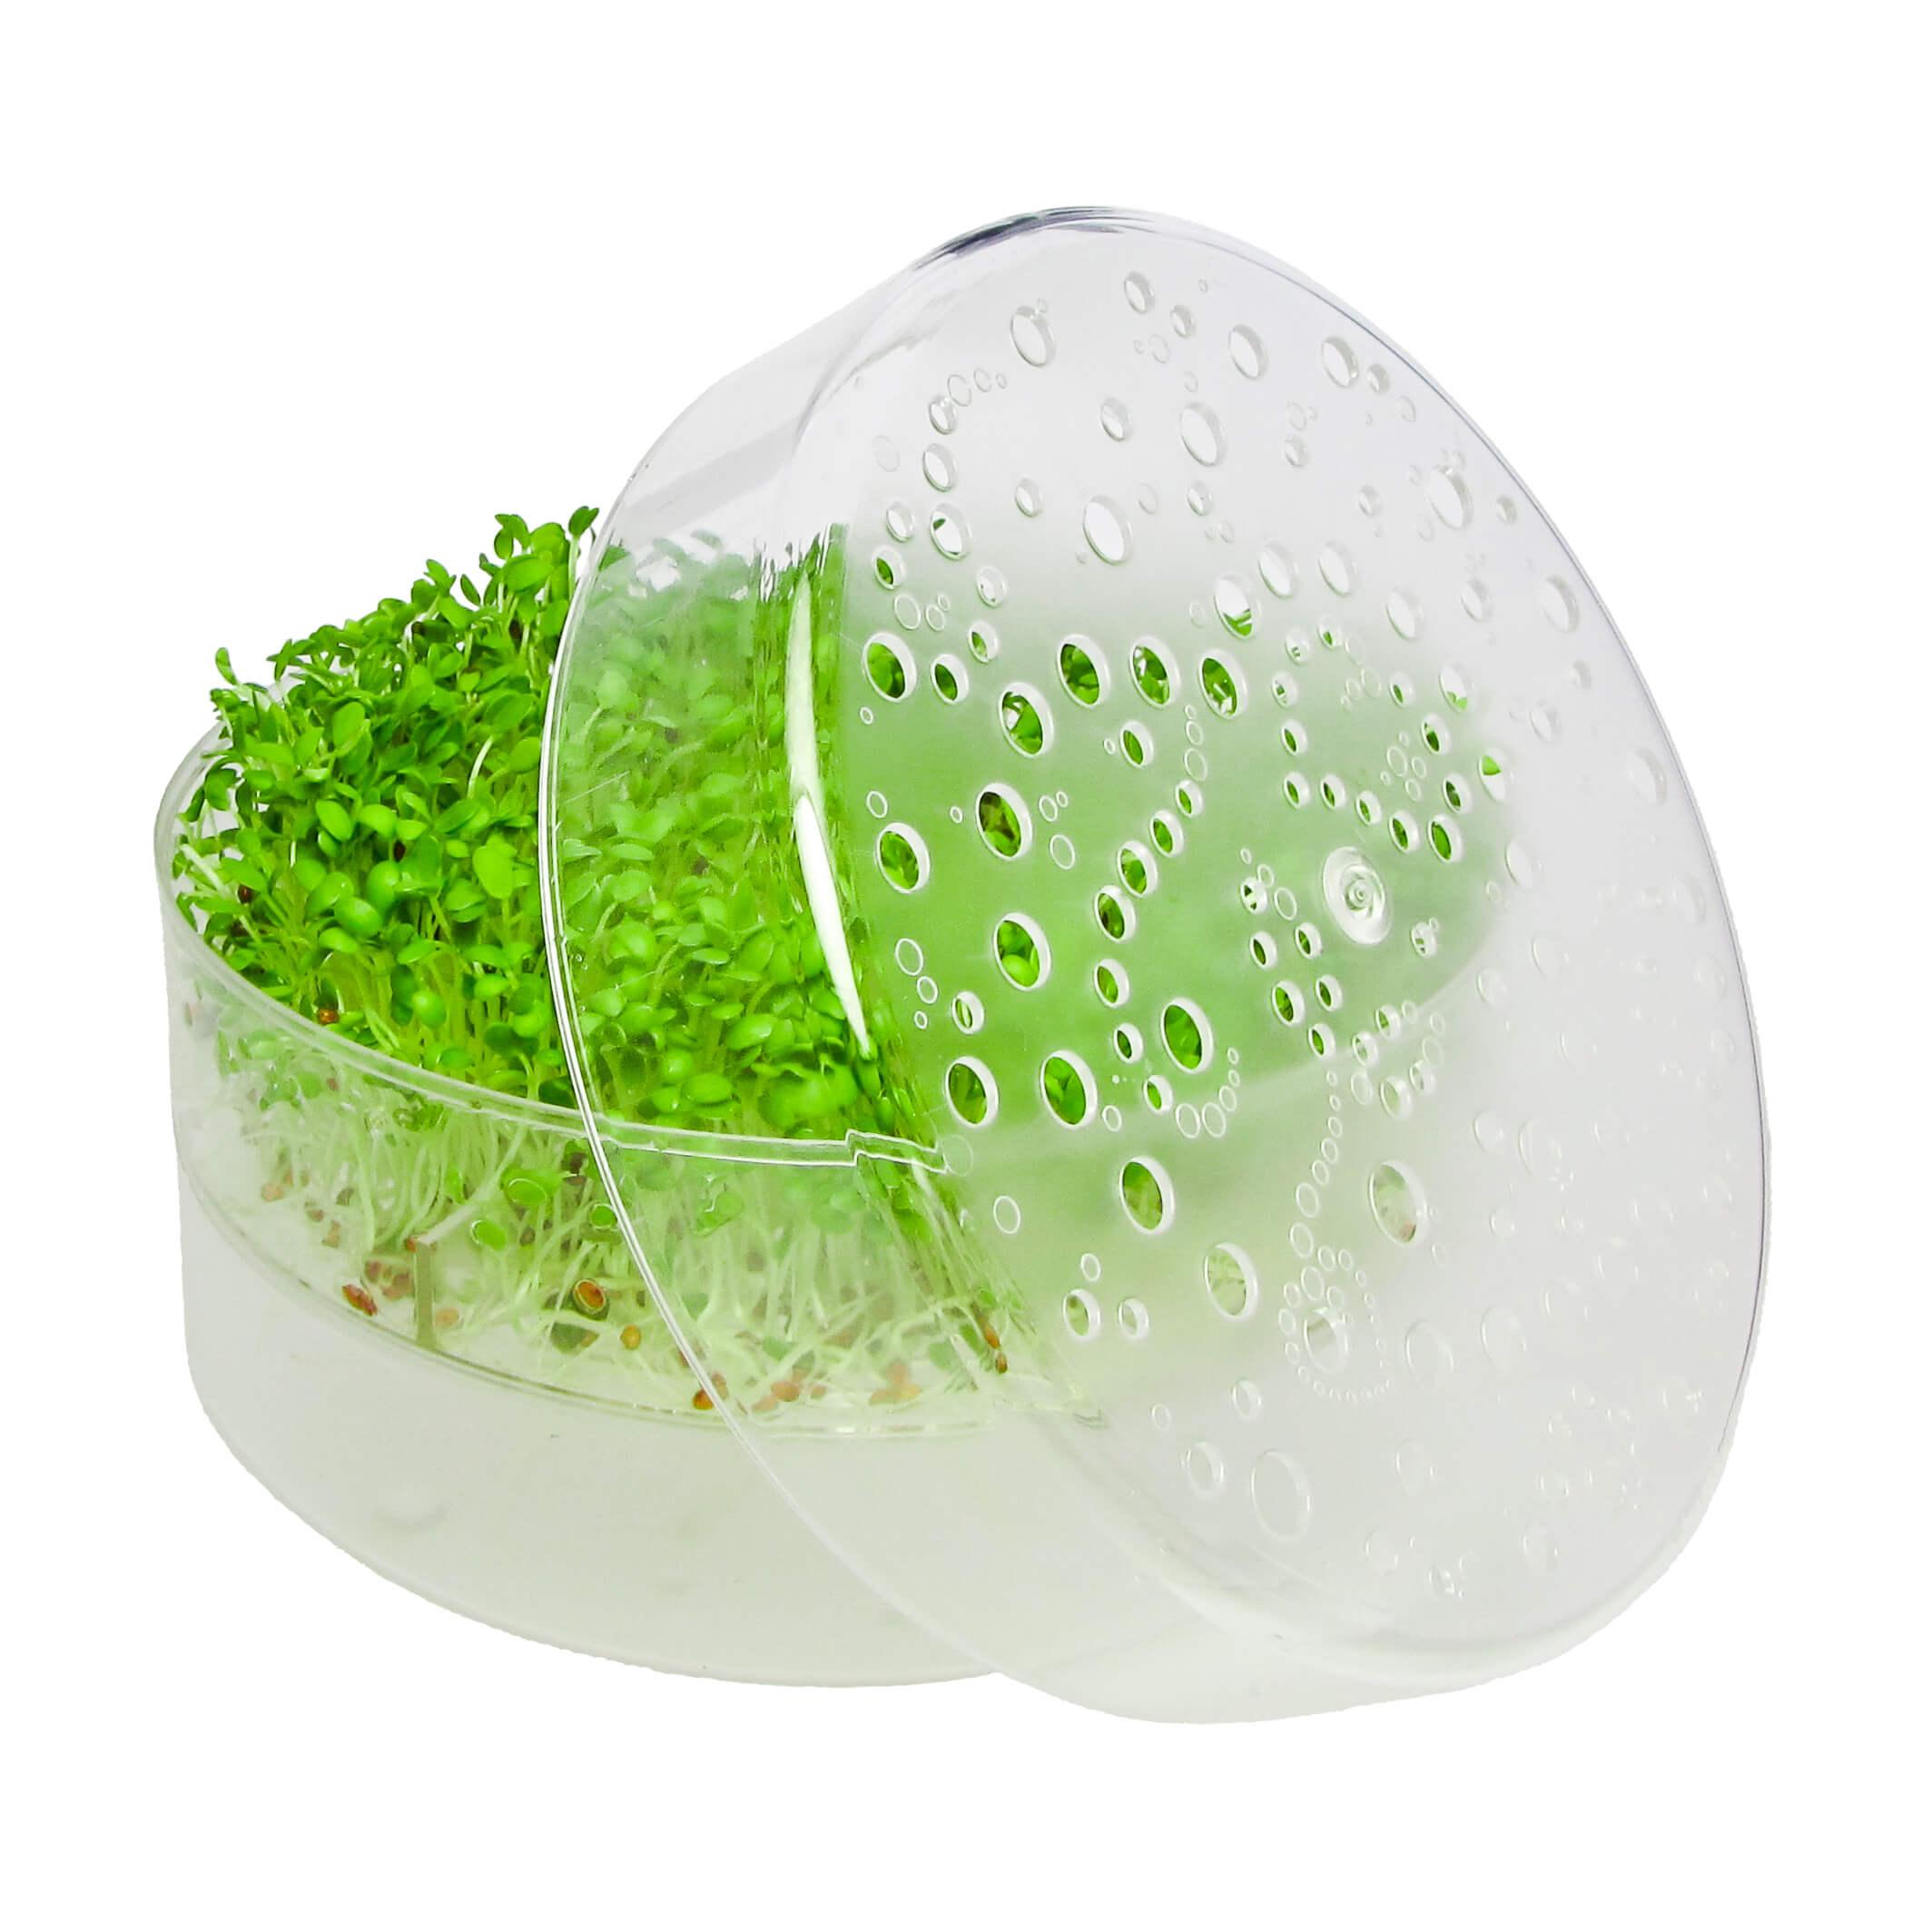 SpirePerle til spirer og mikrogrønt